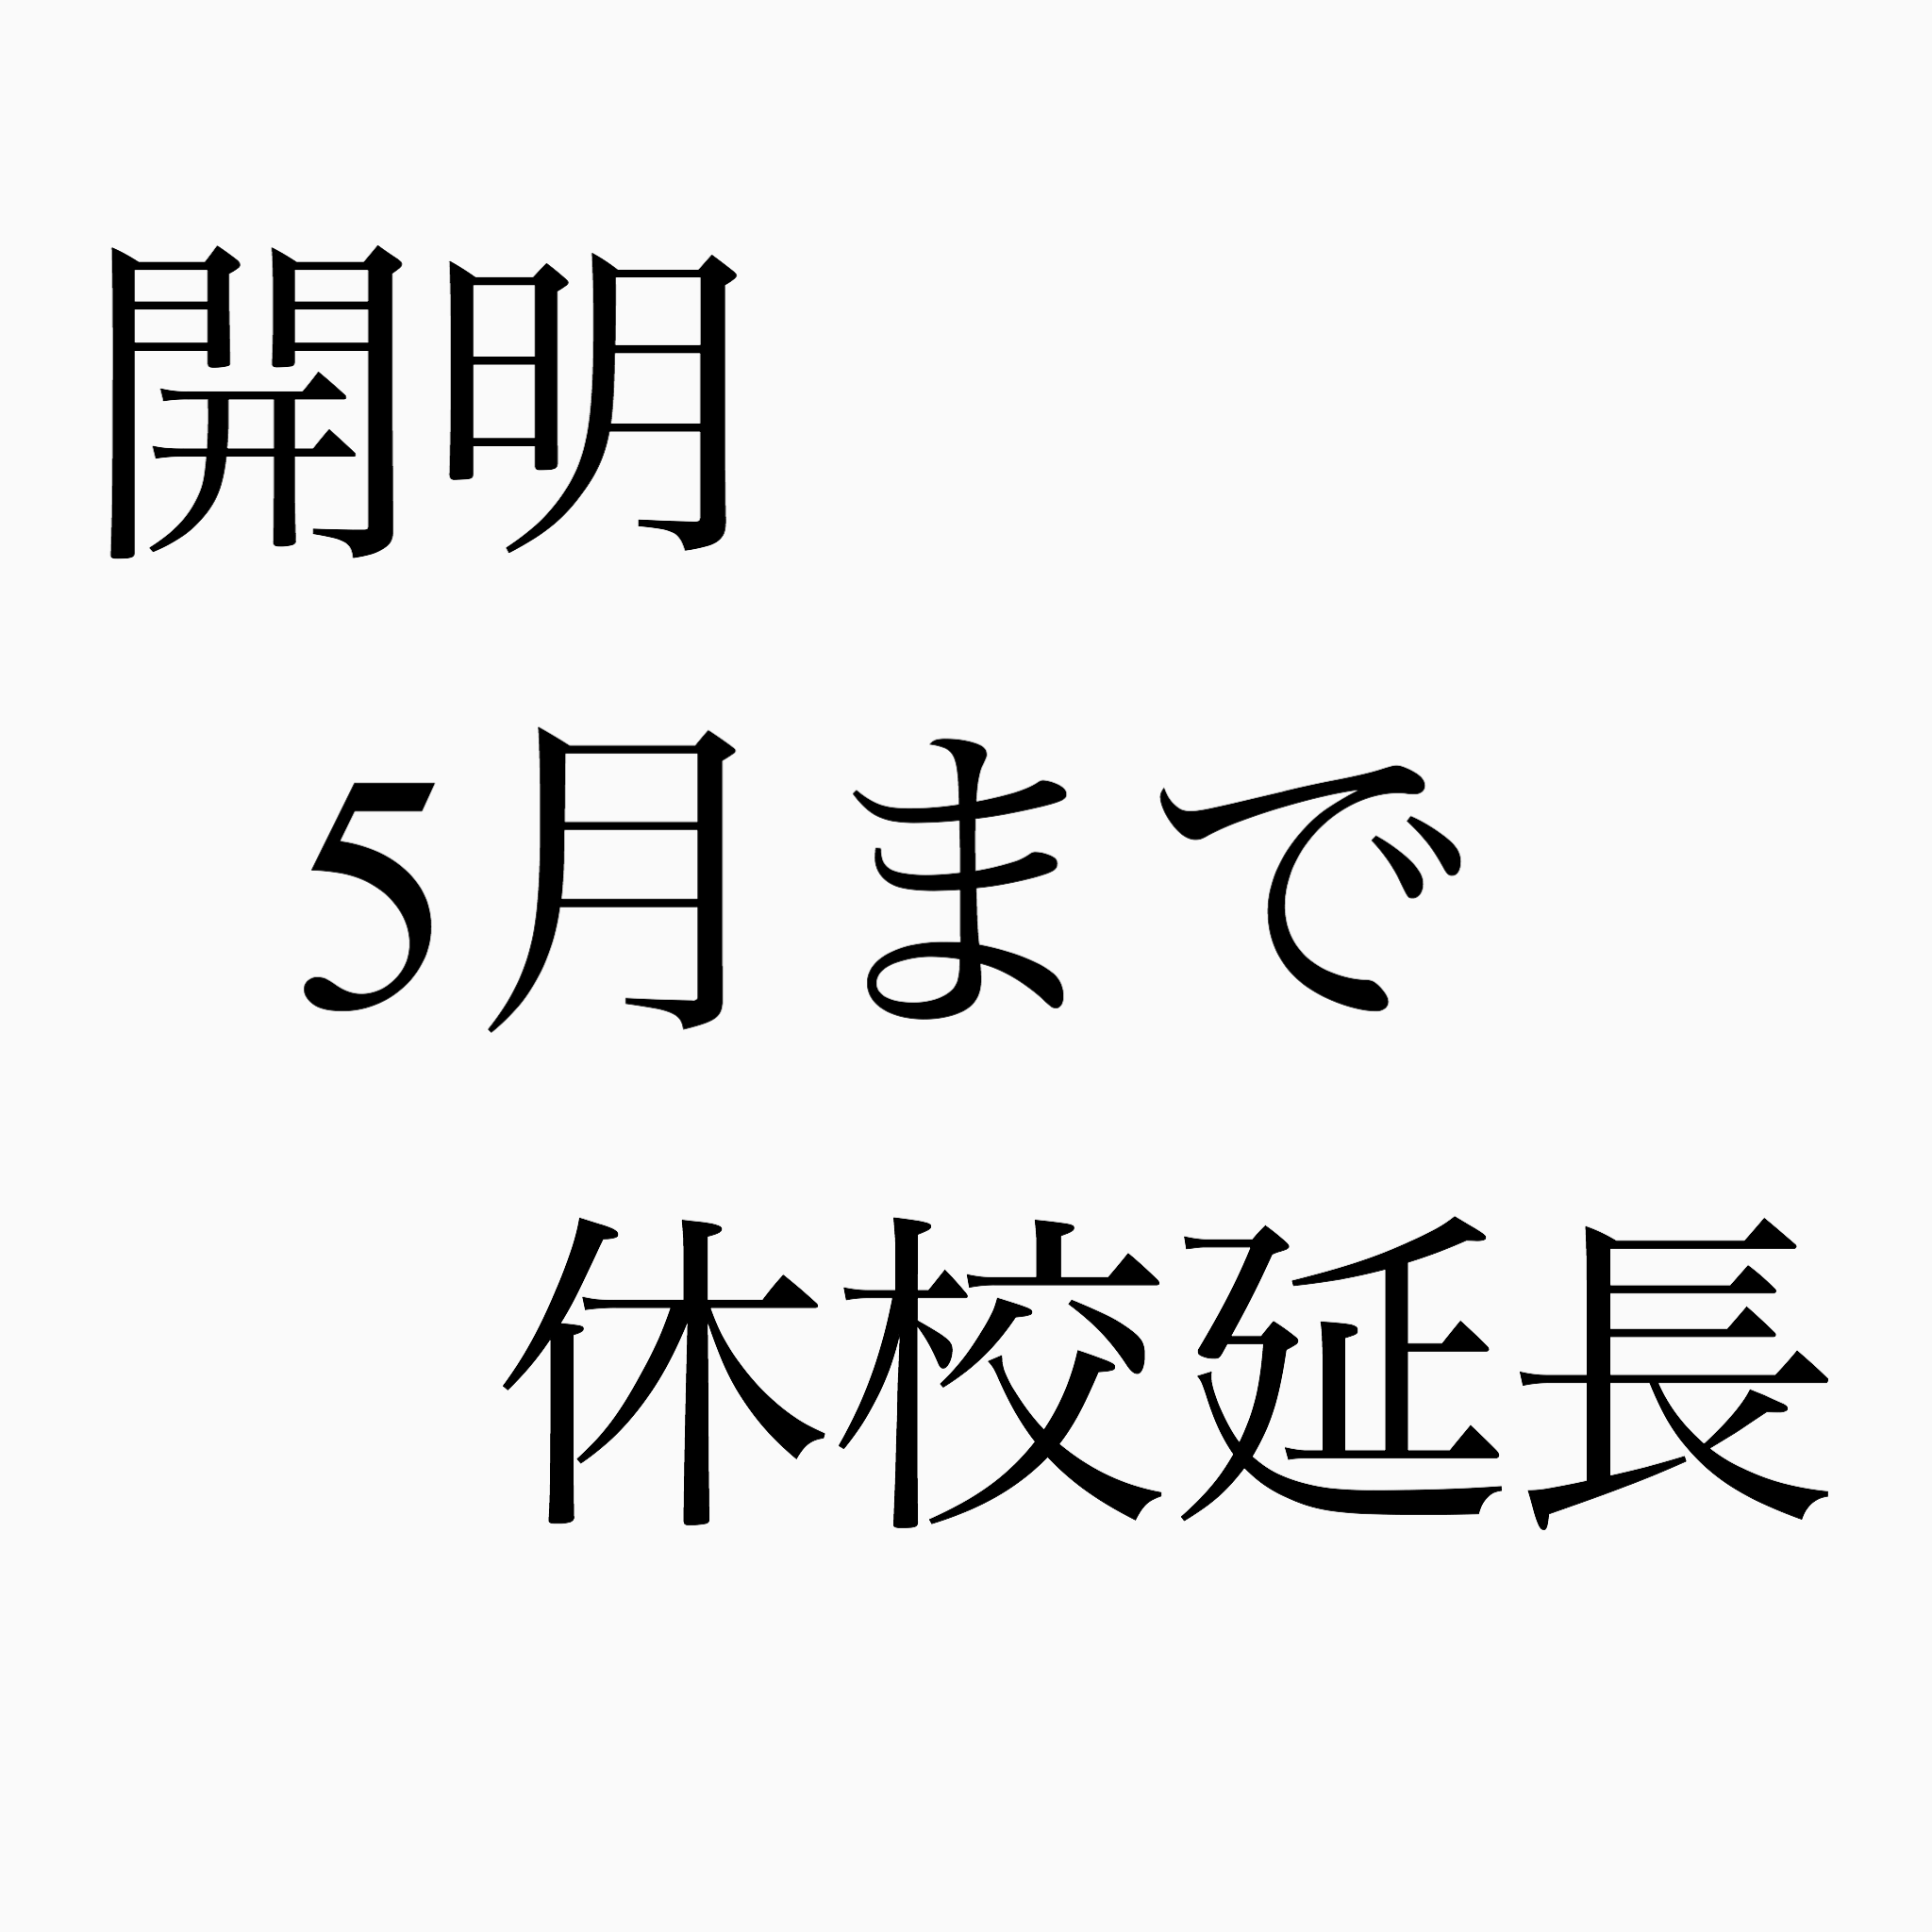 【開明情報】5月まで休校延長